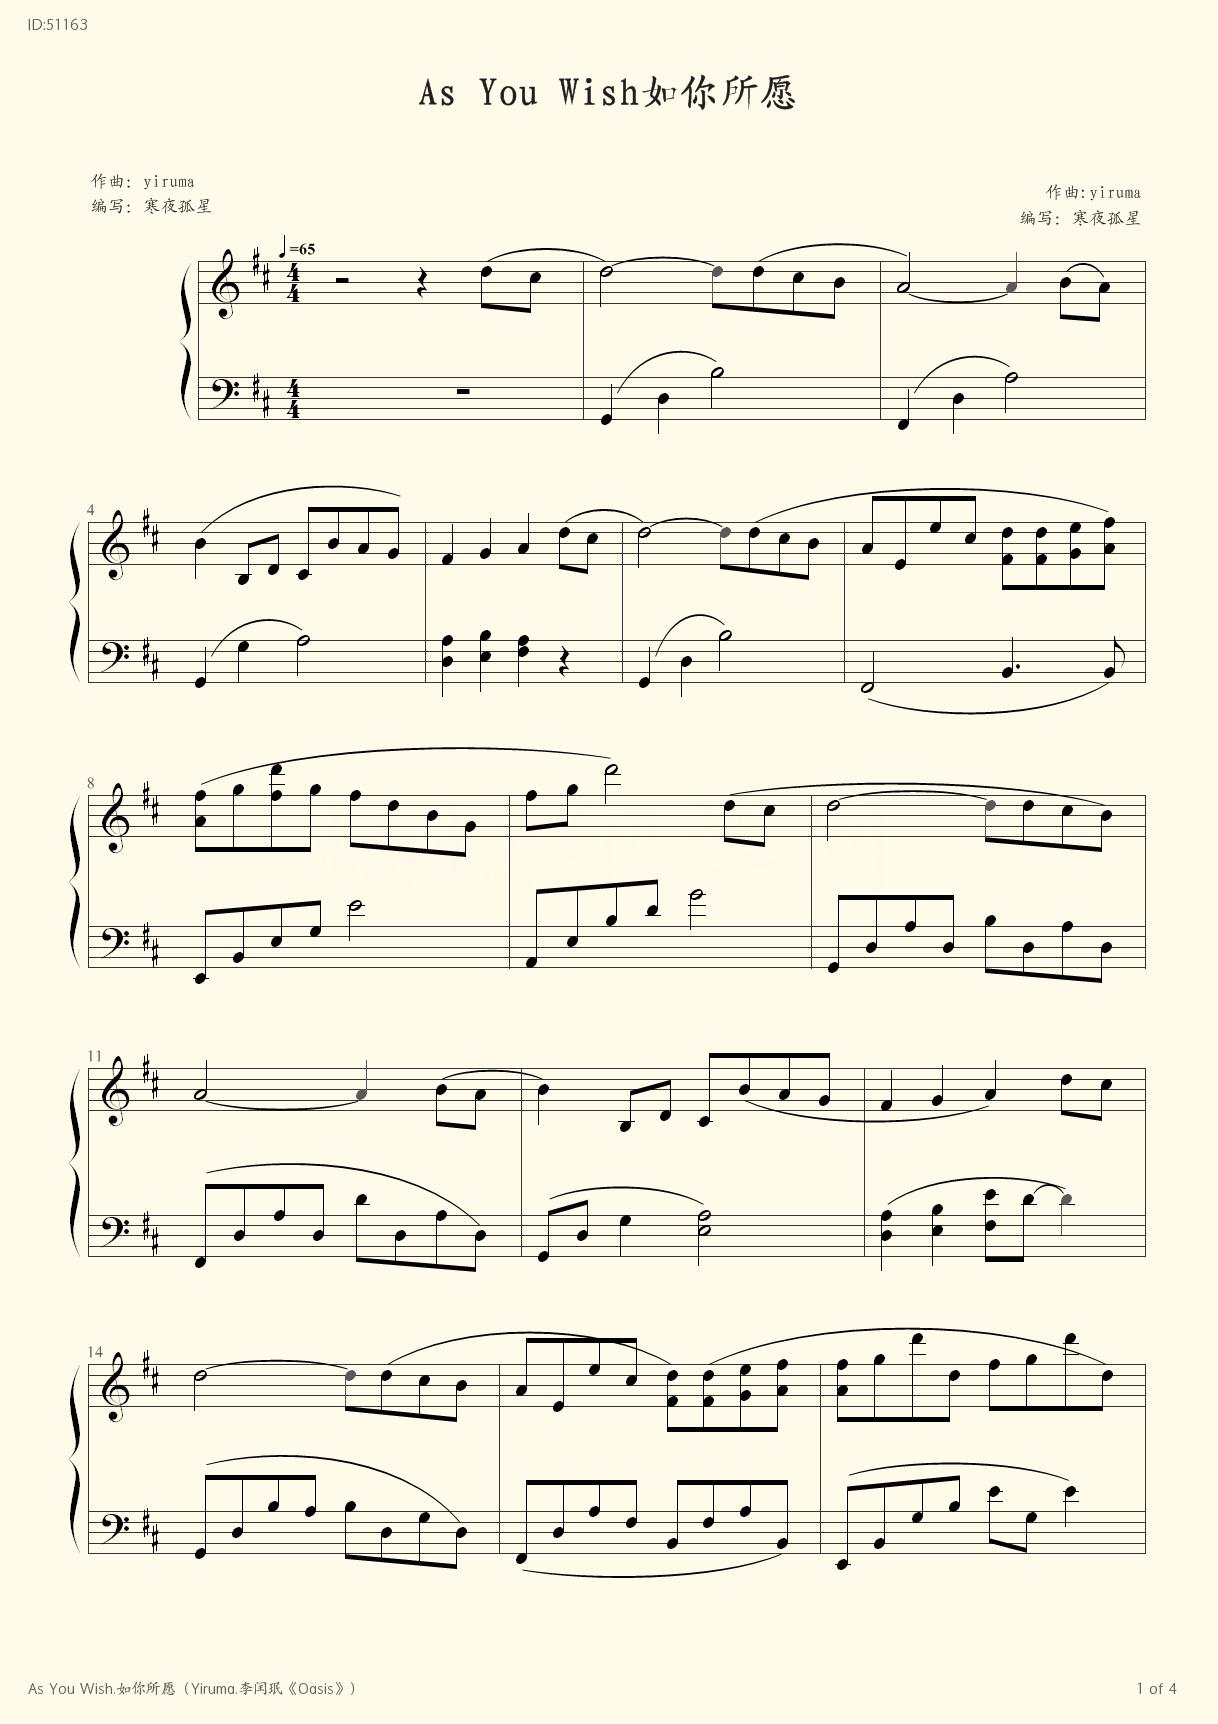 As You Wish Yiruma Oasis Piano Score Yiruma Piano Music Fingering Sheet Music Bar